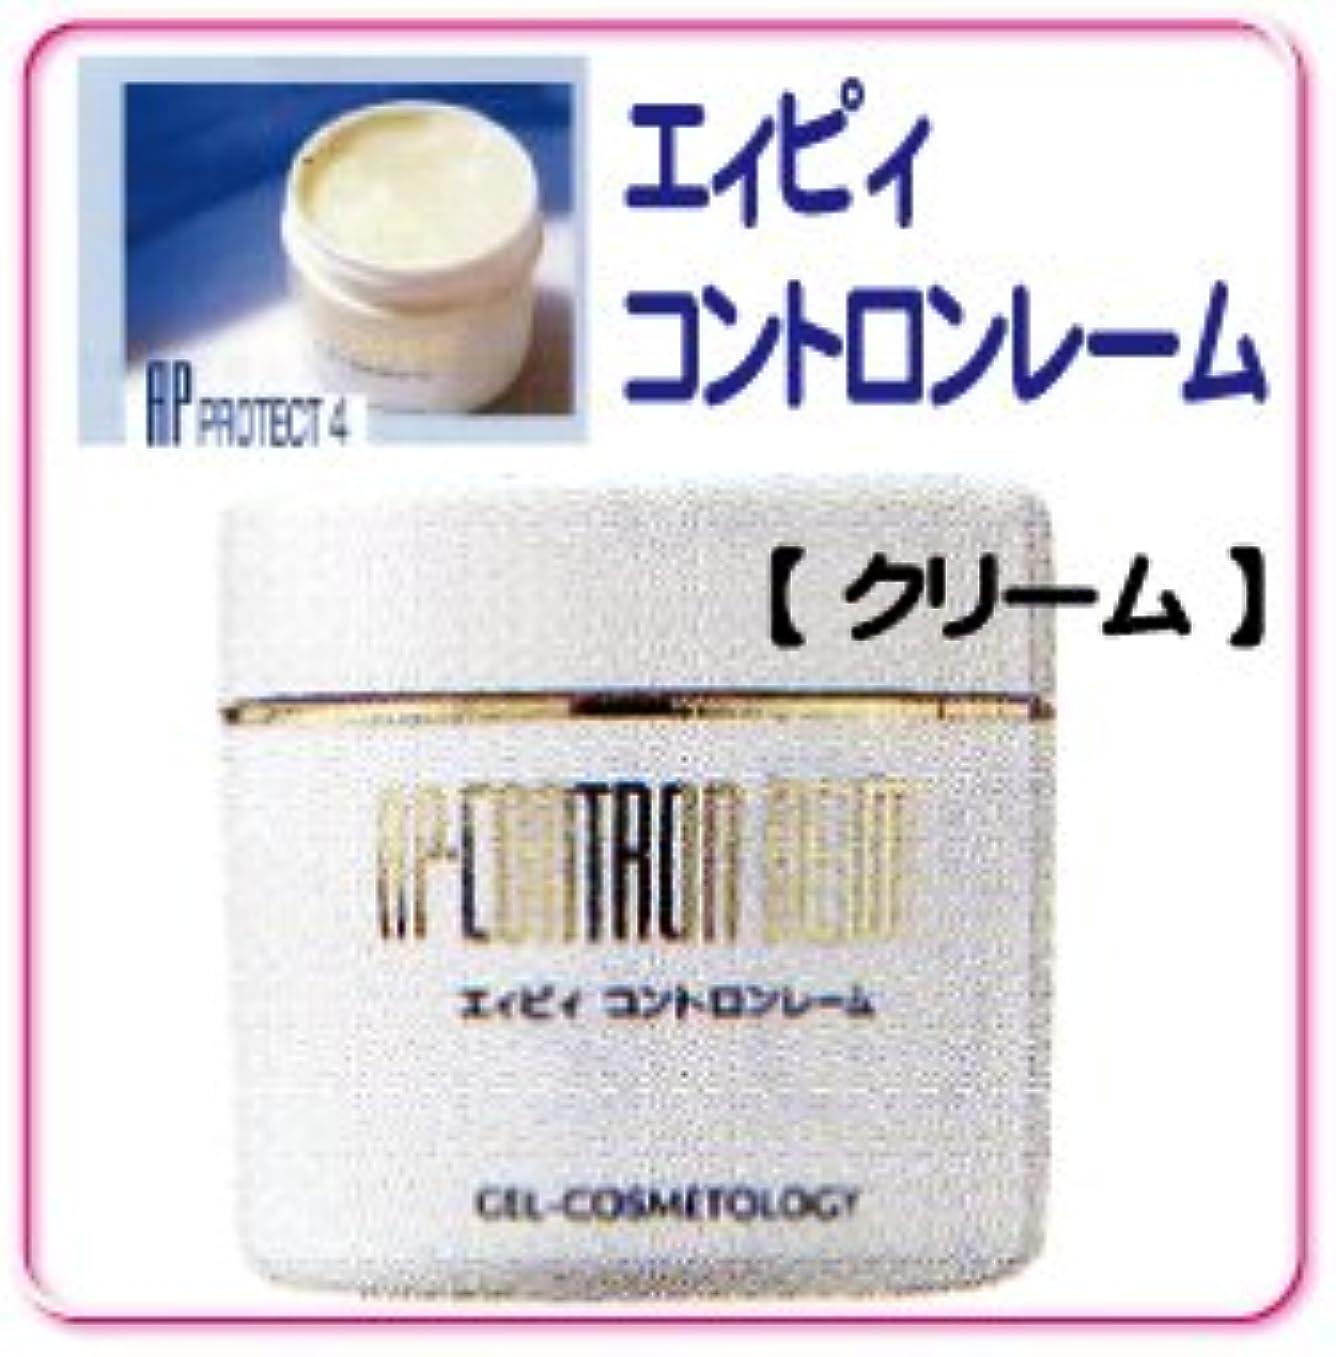 ルーチンすなわちコインベルマン化粧品 APprotectシリーズ  コントロンレーム  敏感肌用クリーム 110g